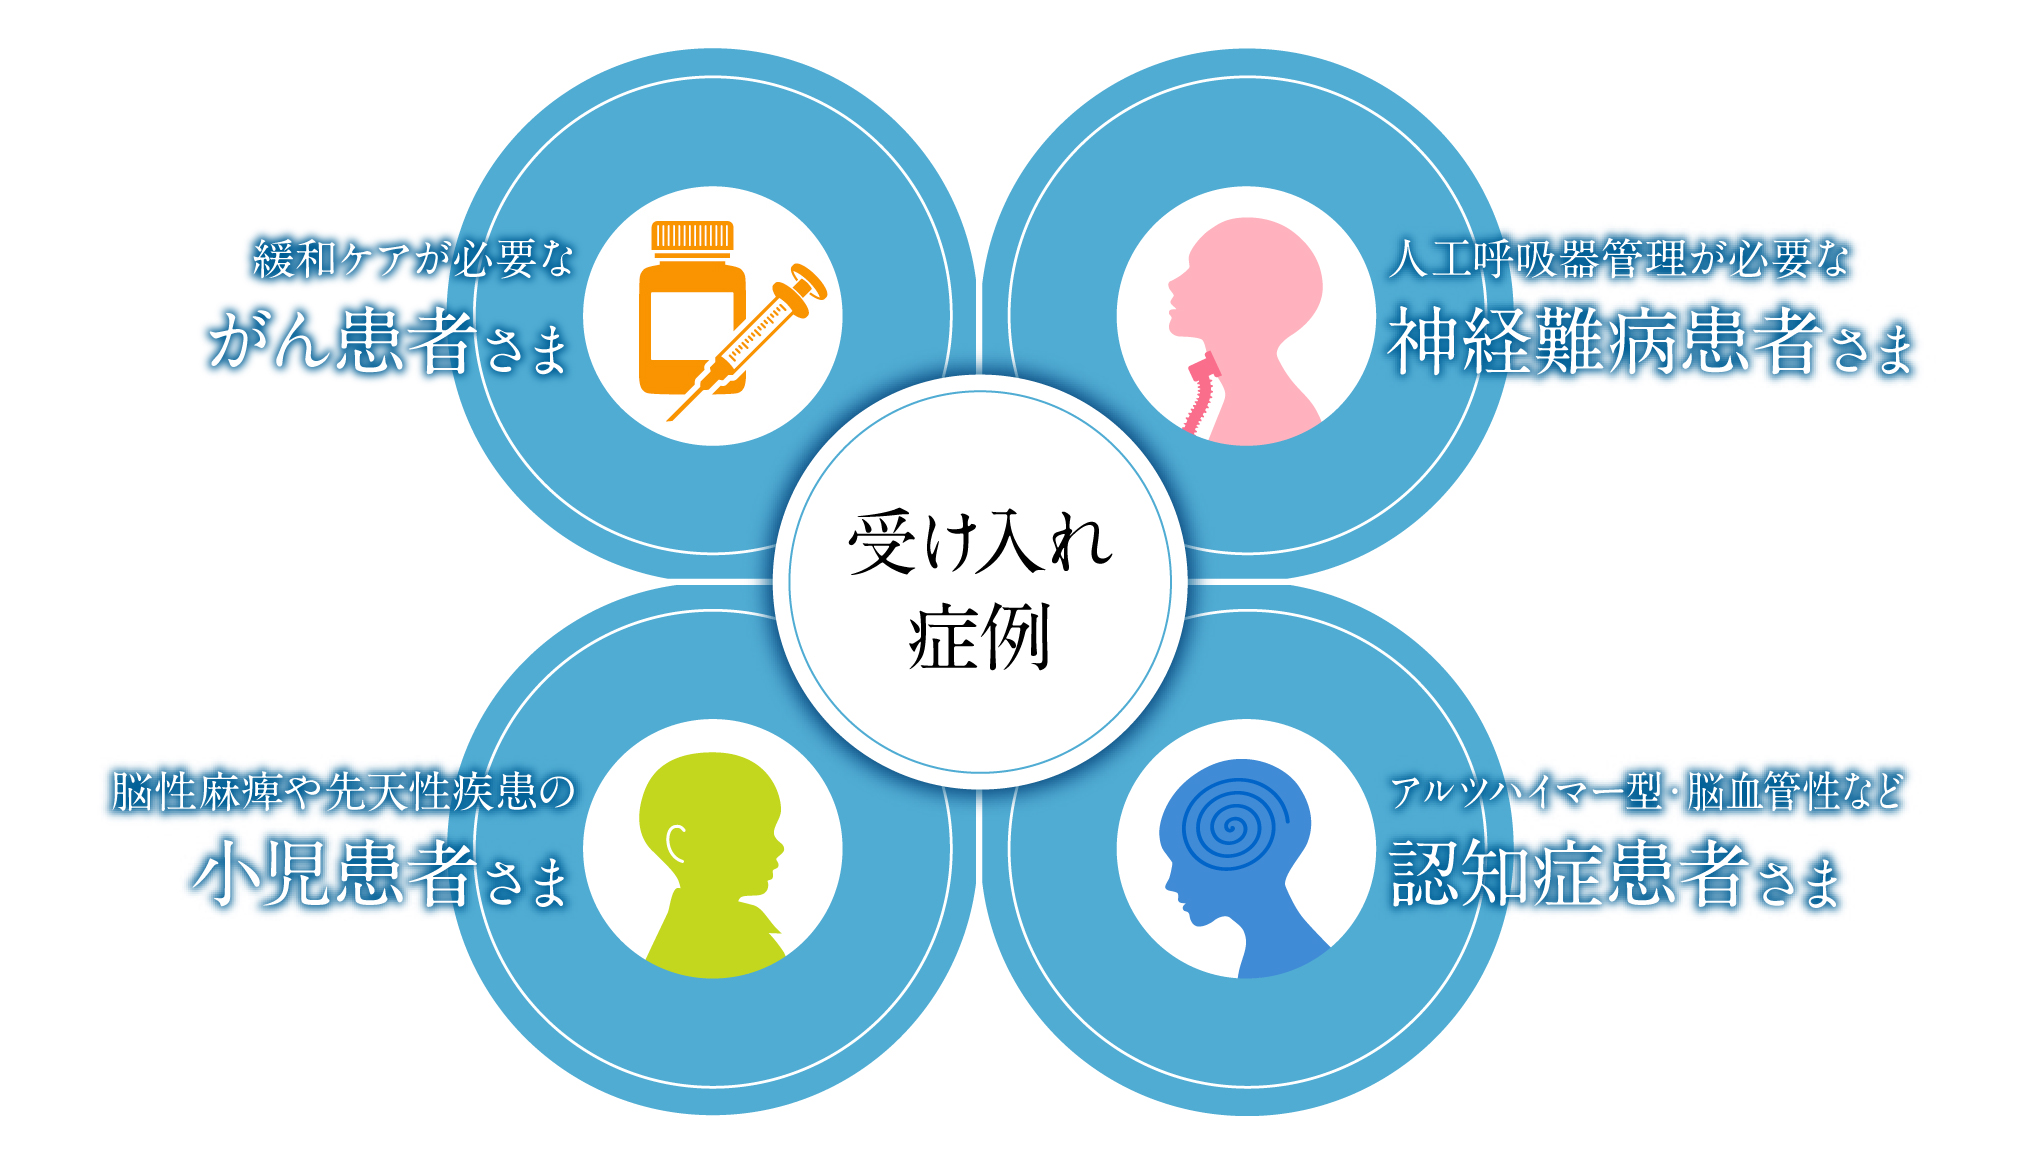 がん,神経難病,小児,認知症,緩和ケア,輸血,人工呼吸器,脳性麻痺,先天性疾患,アルツハイマー型,血管性